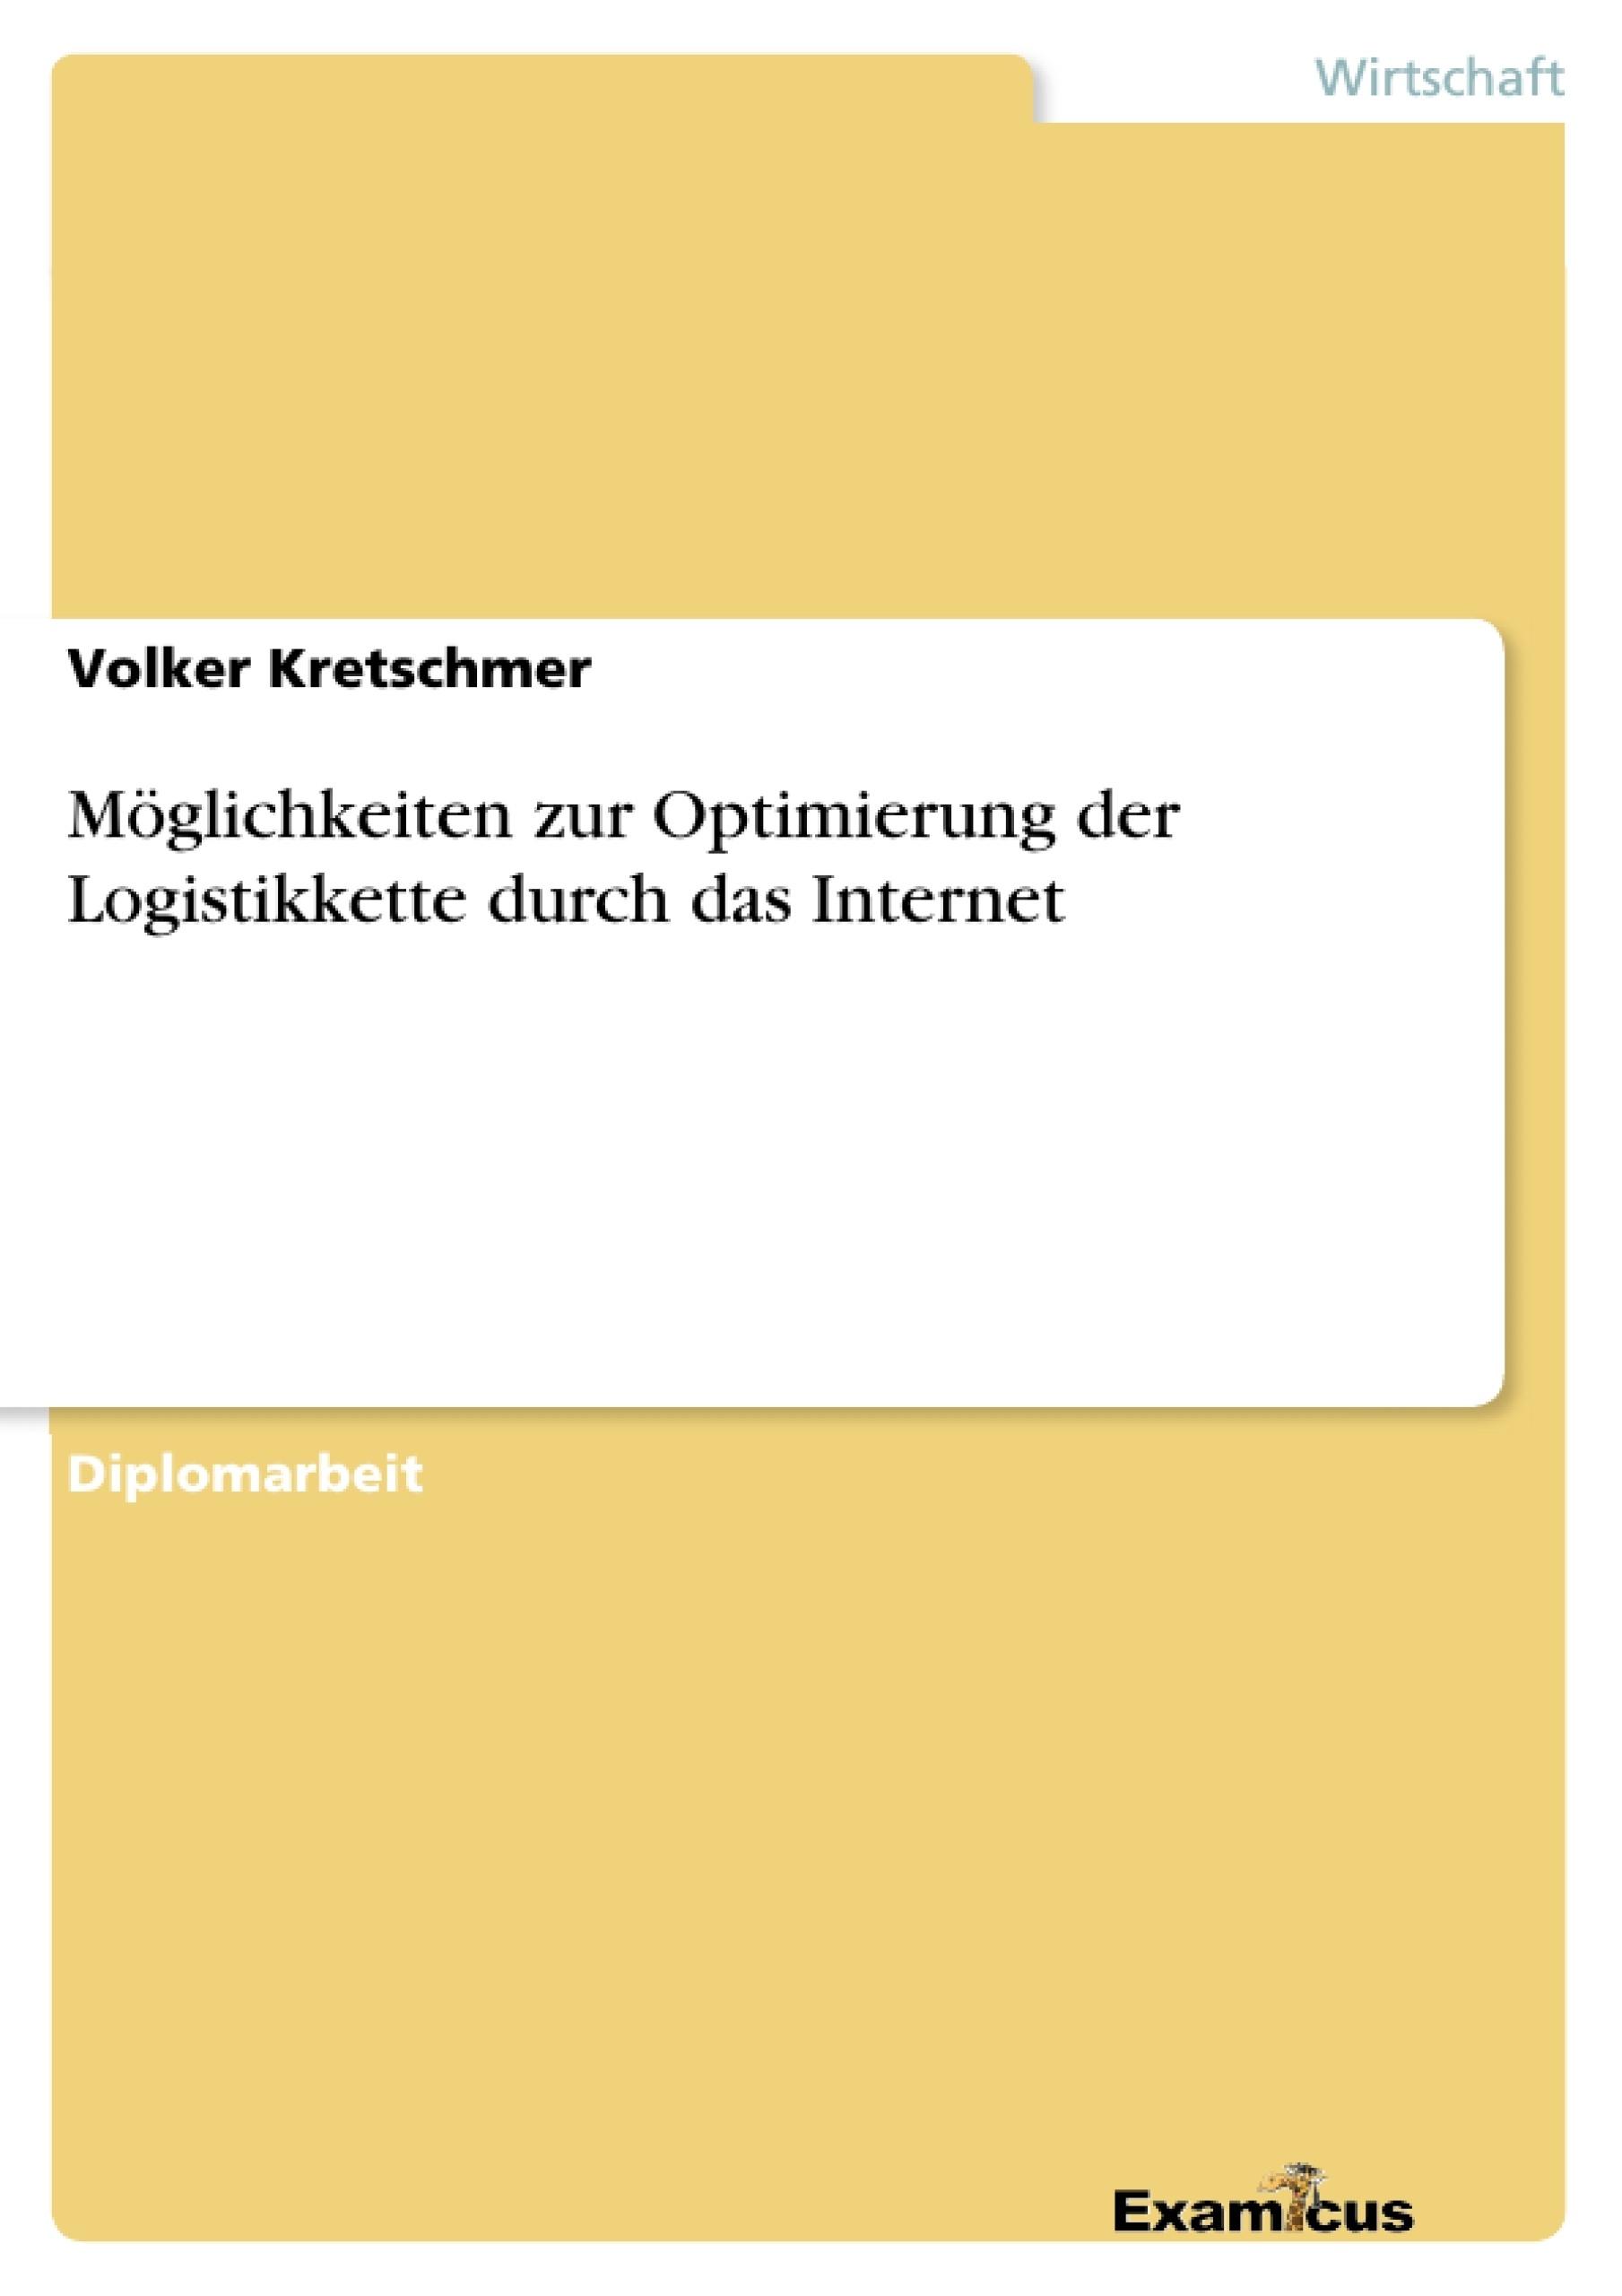 Titel: Möglichkeiten zur Optimierung der Logistikkette durch das Internet